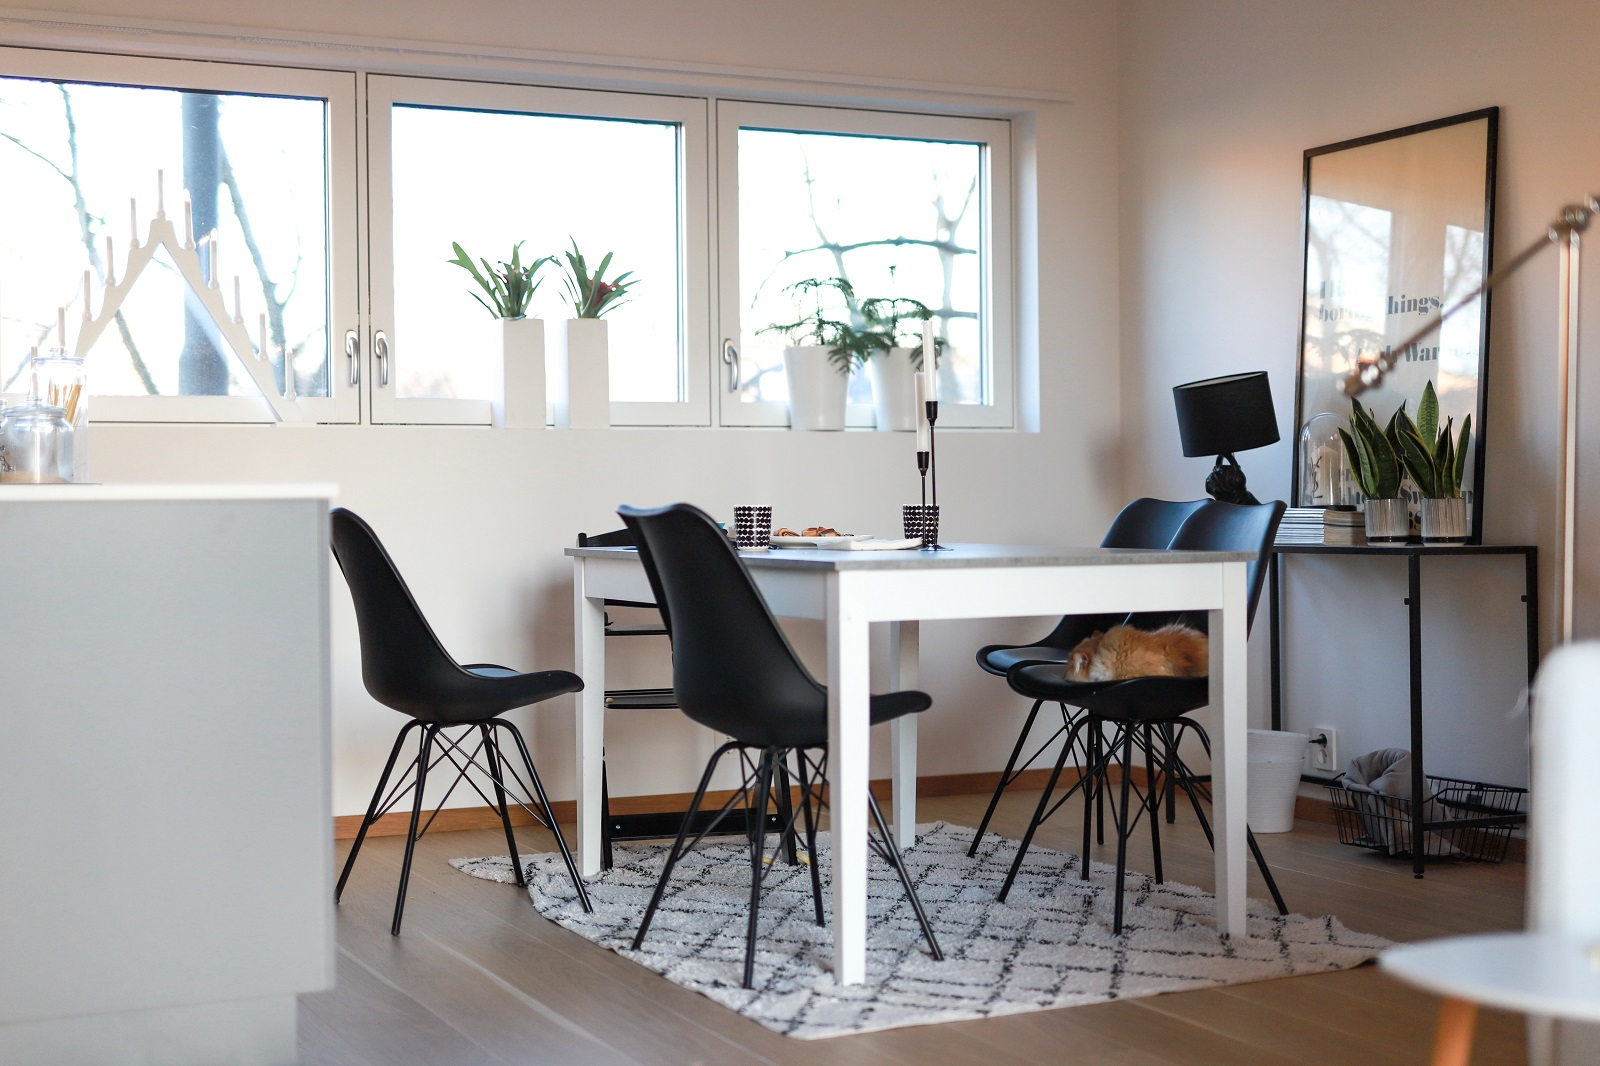 Leiligheten har åpen planløsning med kjøkken, spisestue og stue i ett. Gjennomgående lys gjør at leiligheten virker ekstra romslig og fresh.